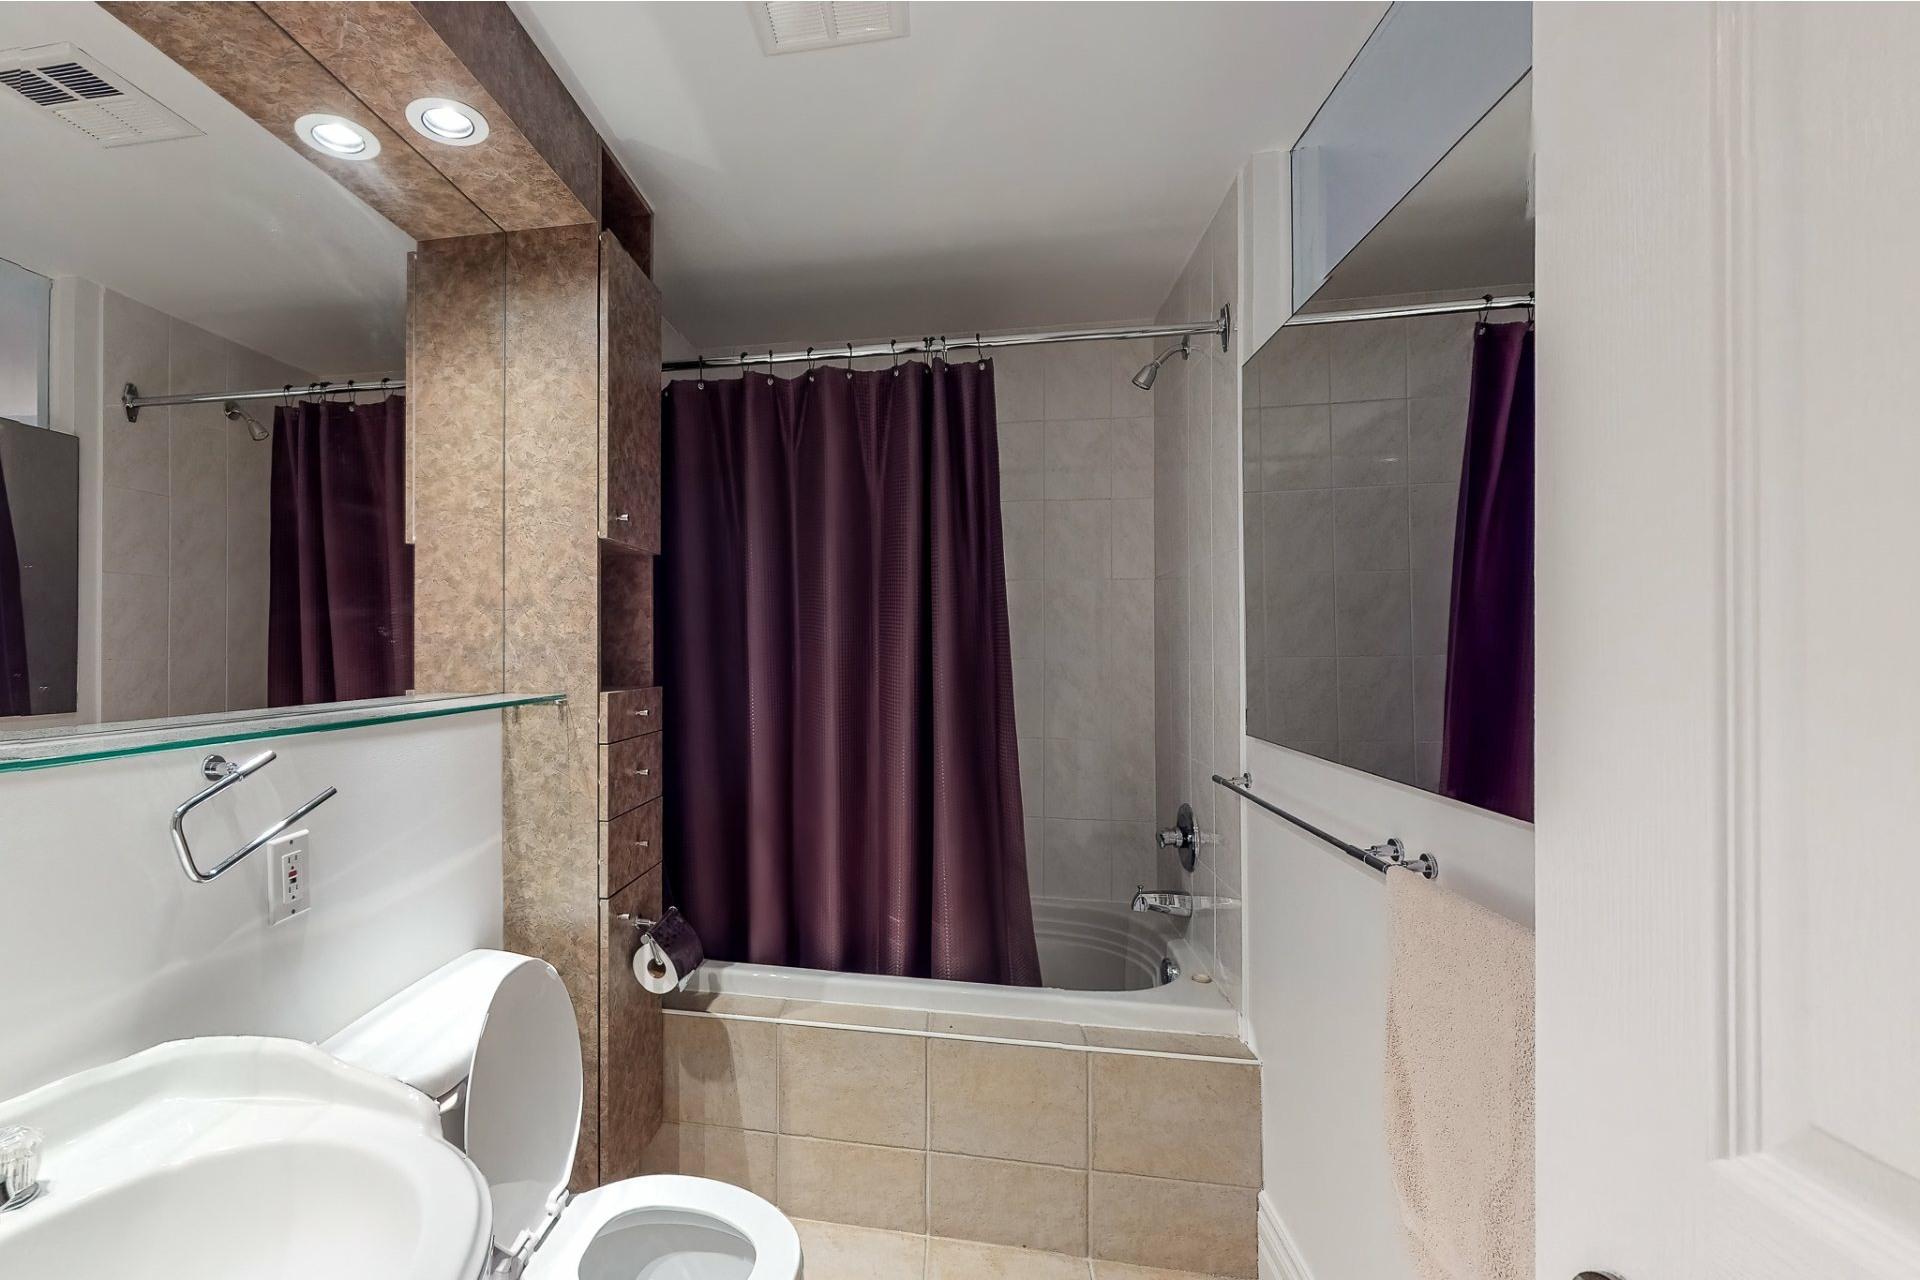 image 13 - Appartement À louer Le Plateau-Mont-Royal Montréal  - 5 pièces